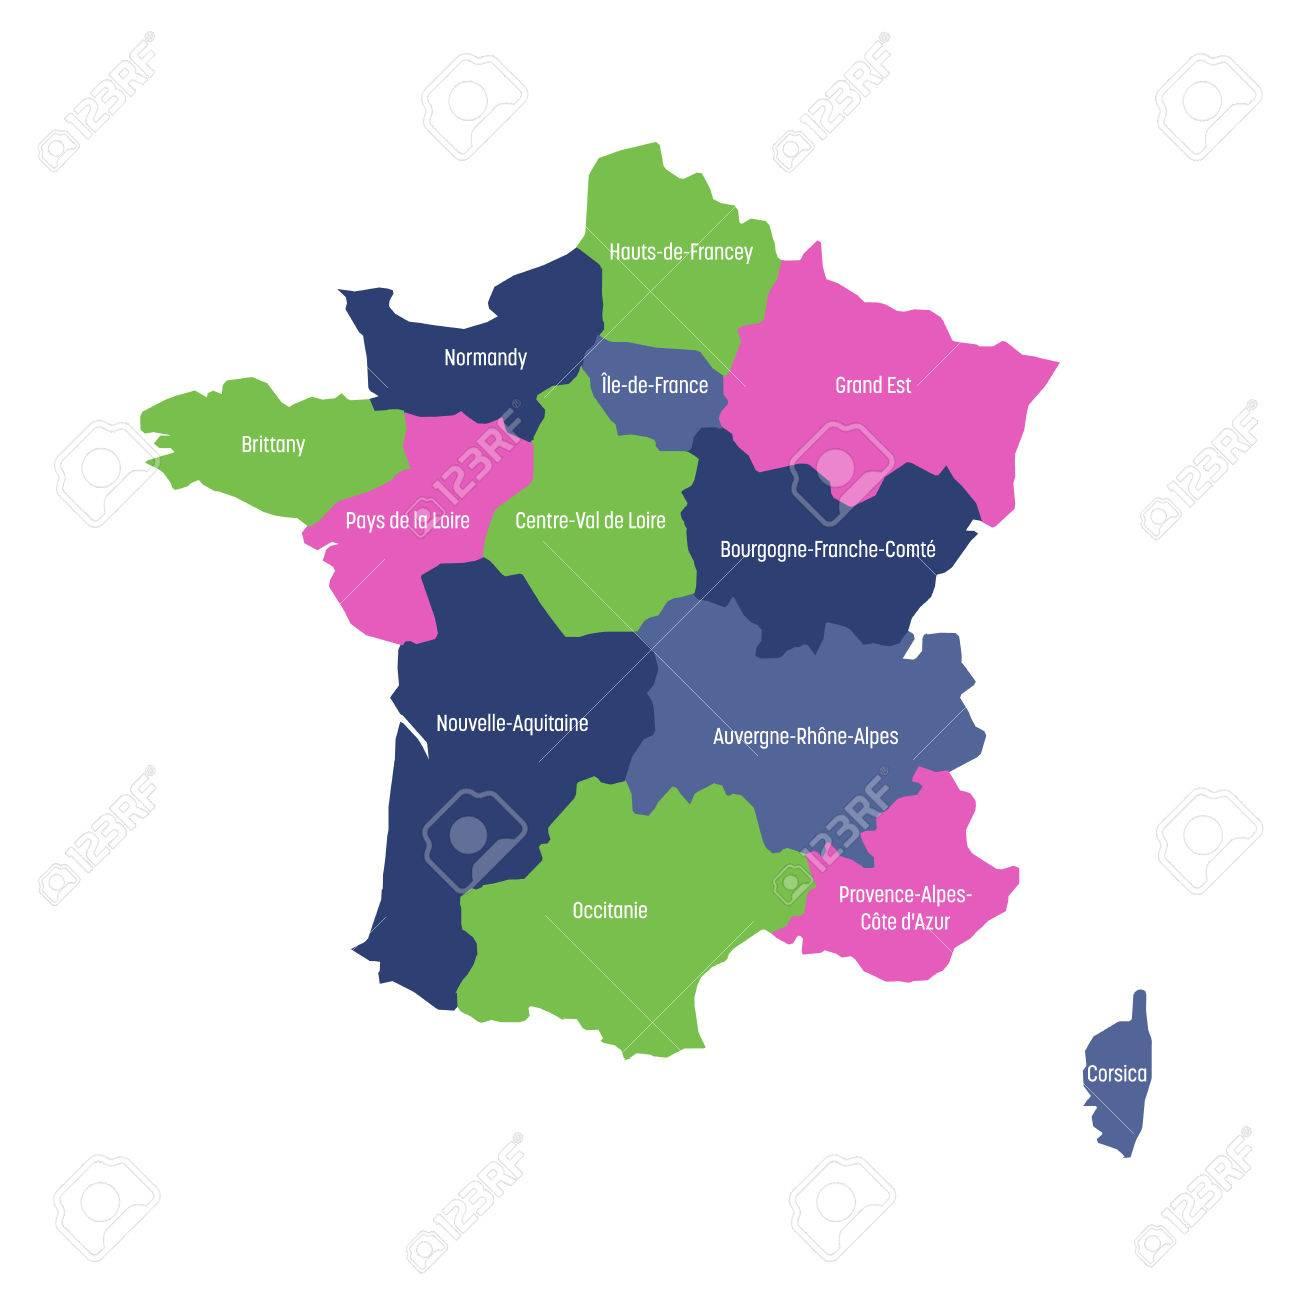 Carte De France Divisée En 13 Régions Métropolitaines Administratives,  Depuis 2016. Quatre Couleurs. Illustration Vectorielle. à Carte Des 13 Régions